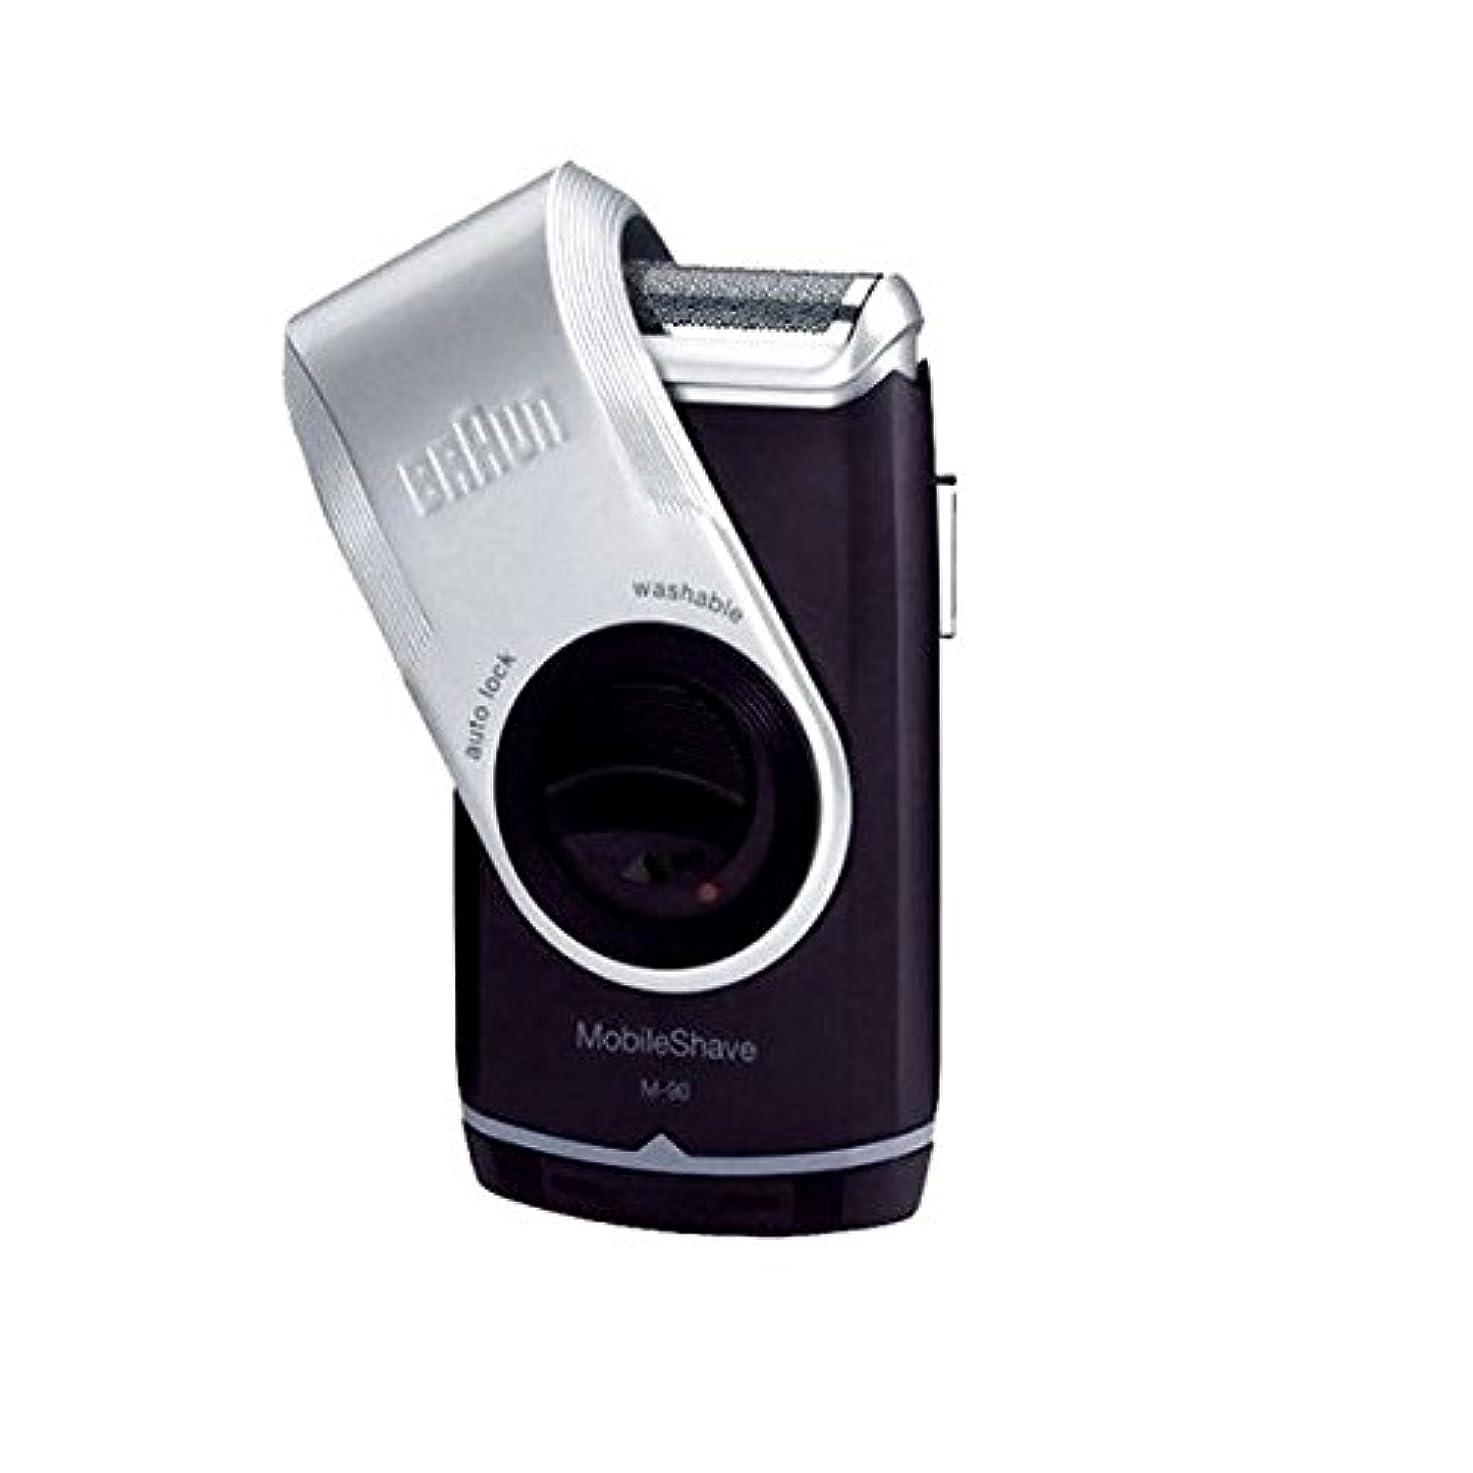 滅多強います要旨BRAUN ブラウン 乾電池式 携帯用メンズシェーバー Mobile Shave M-90